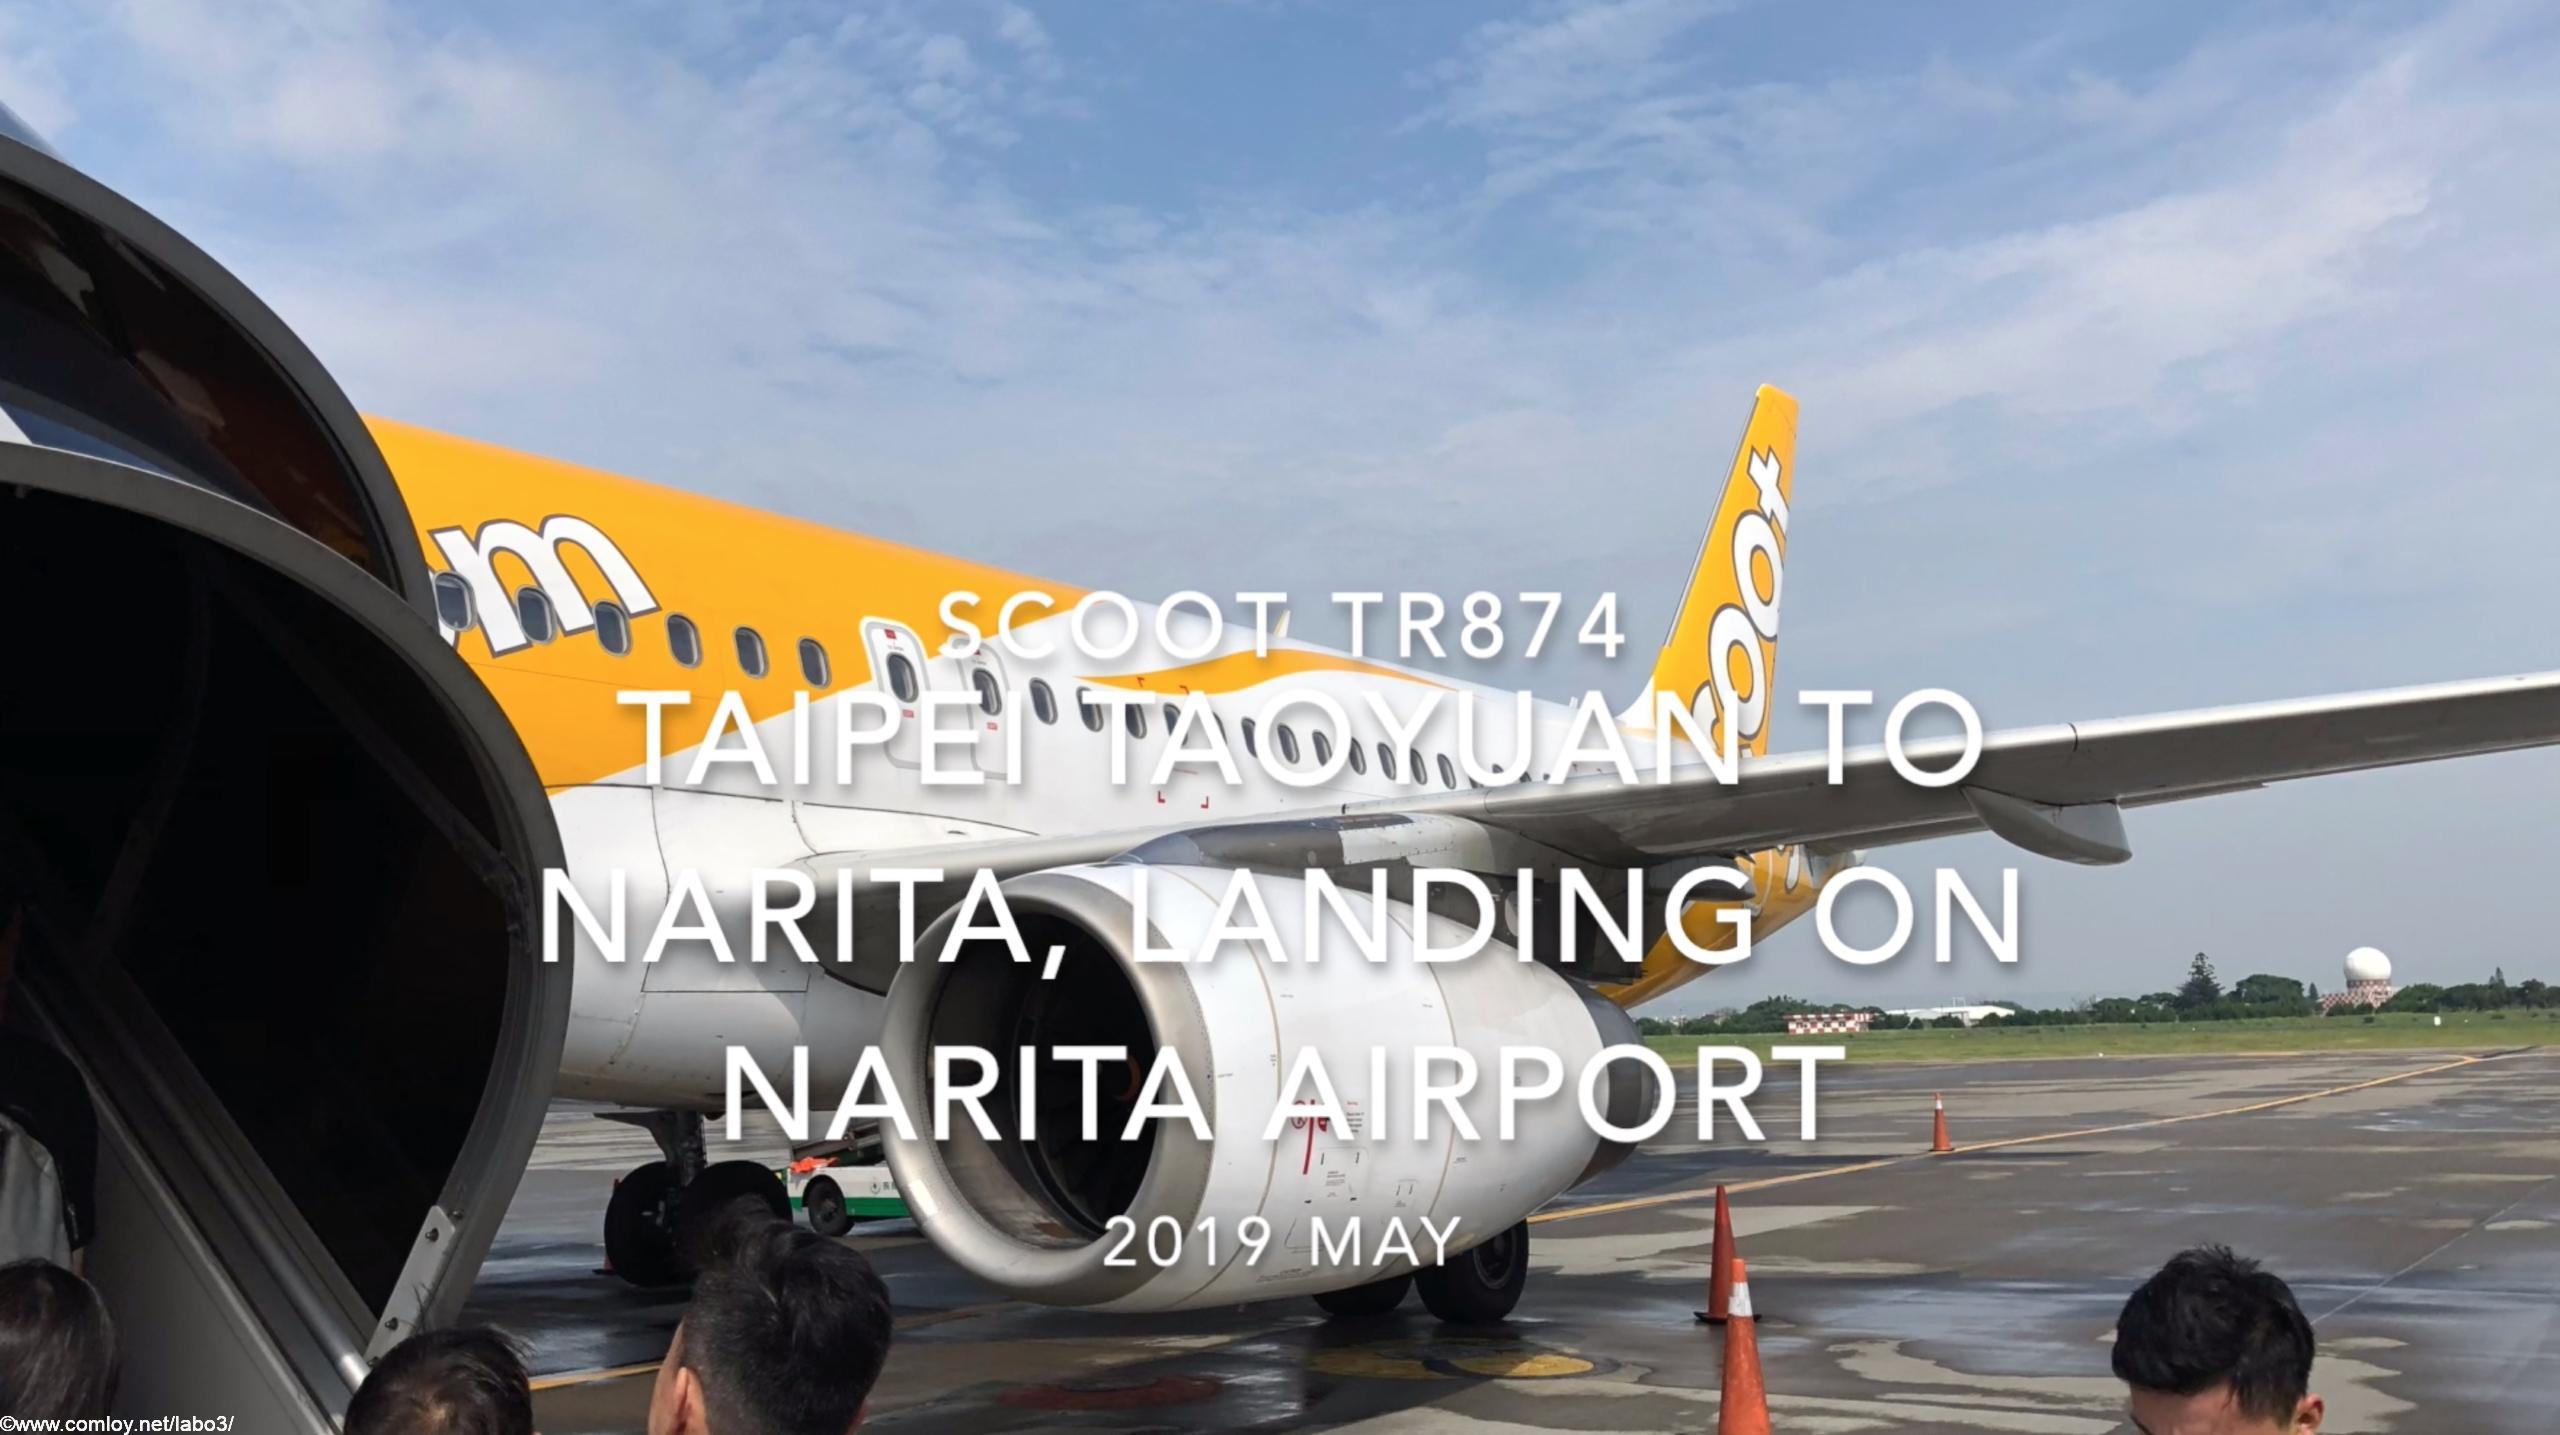 【機内から離着陸映像】2019 May Scoot TR874 TAIPEI Taoyuan to NARITA, Landing on NARITA Airport